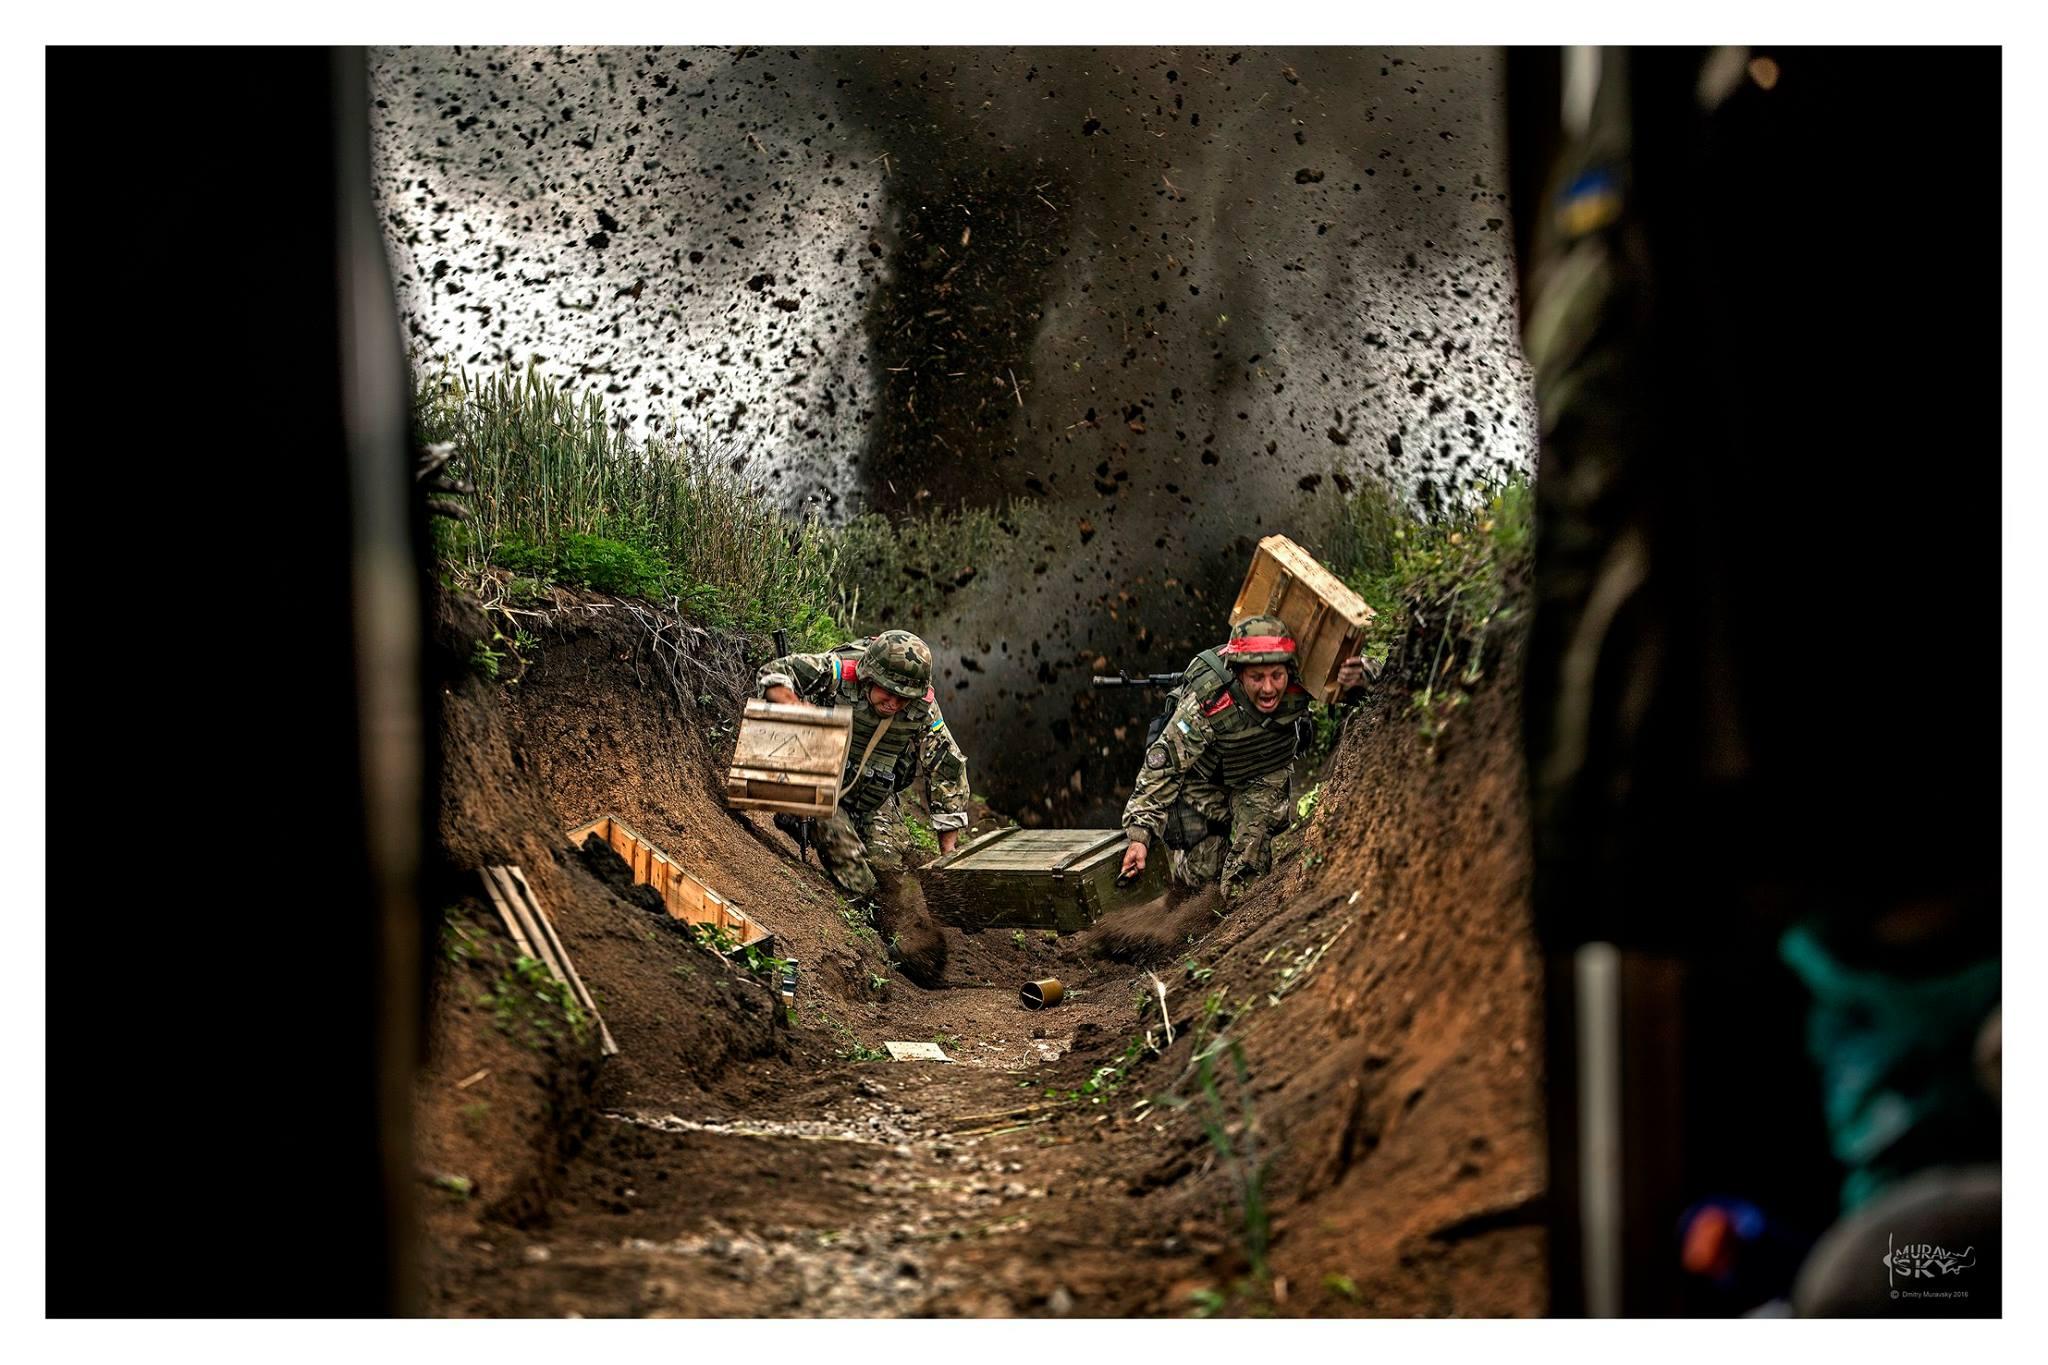 Полторак уволил фотографа Муравского, которого заподозрили в обнародовании постановочных снимков из зоны АТО - Цензор.НЕТ 3265